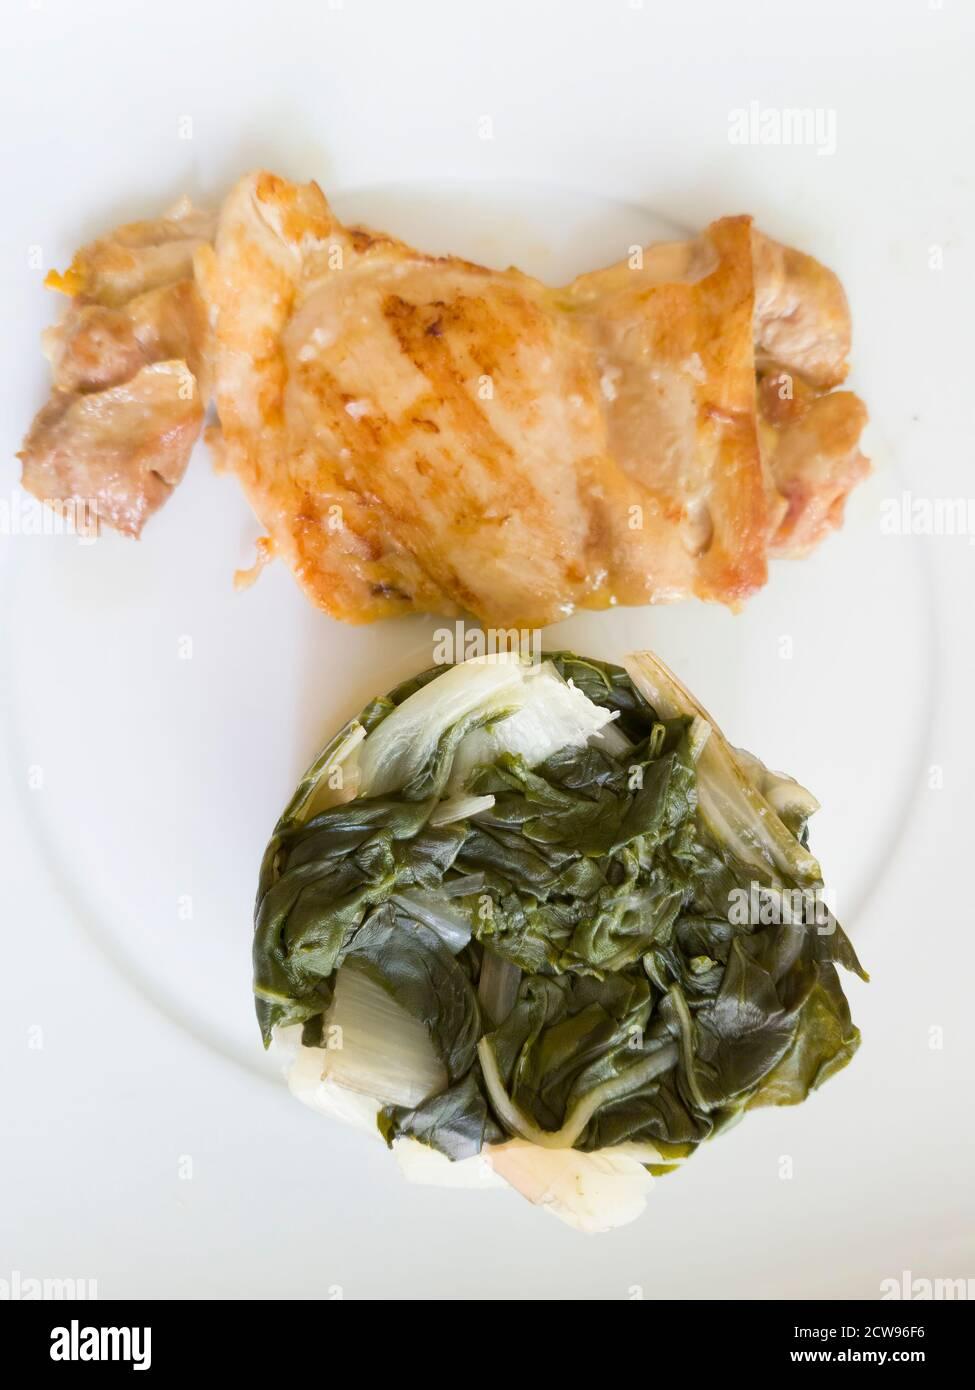 Pollo a la parrilla con garnished con acelga. Una comida ideal para seguir una dieta saludable y equilibrada Foto de stock